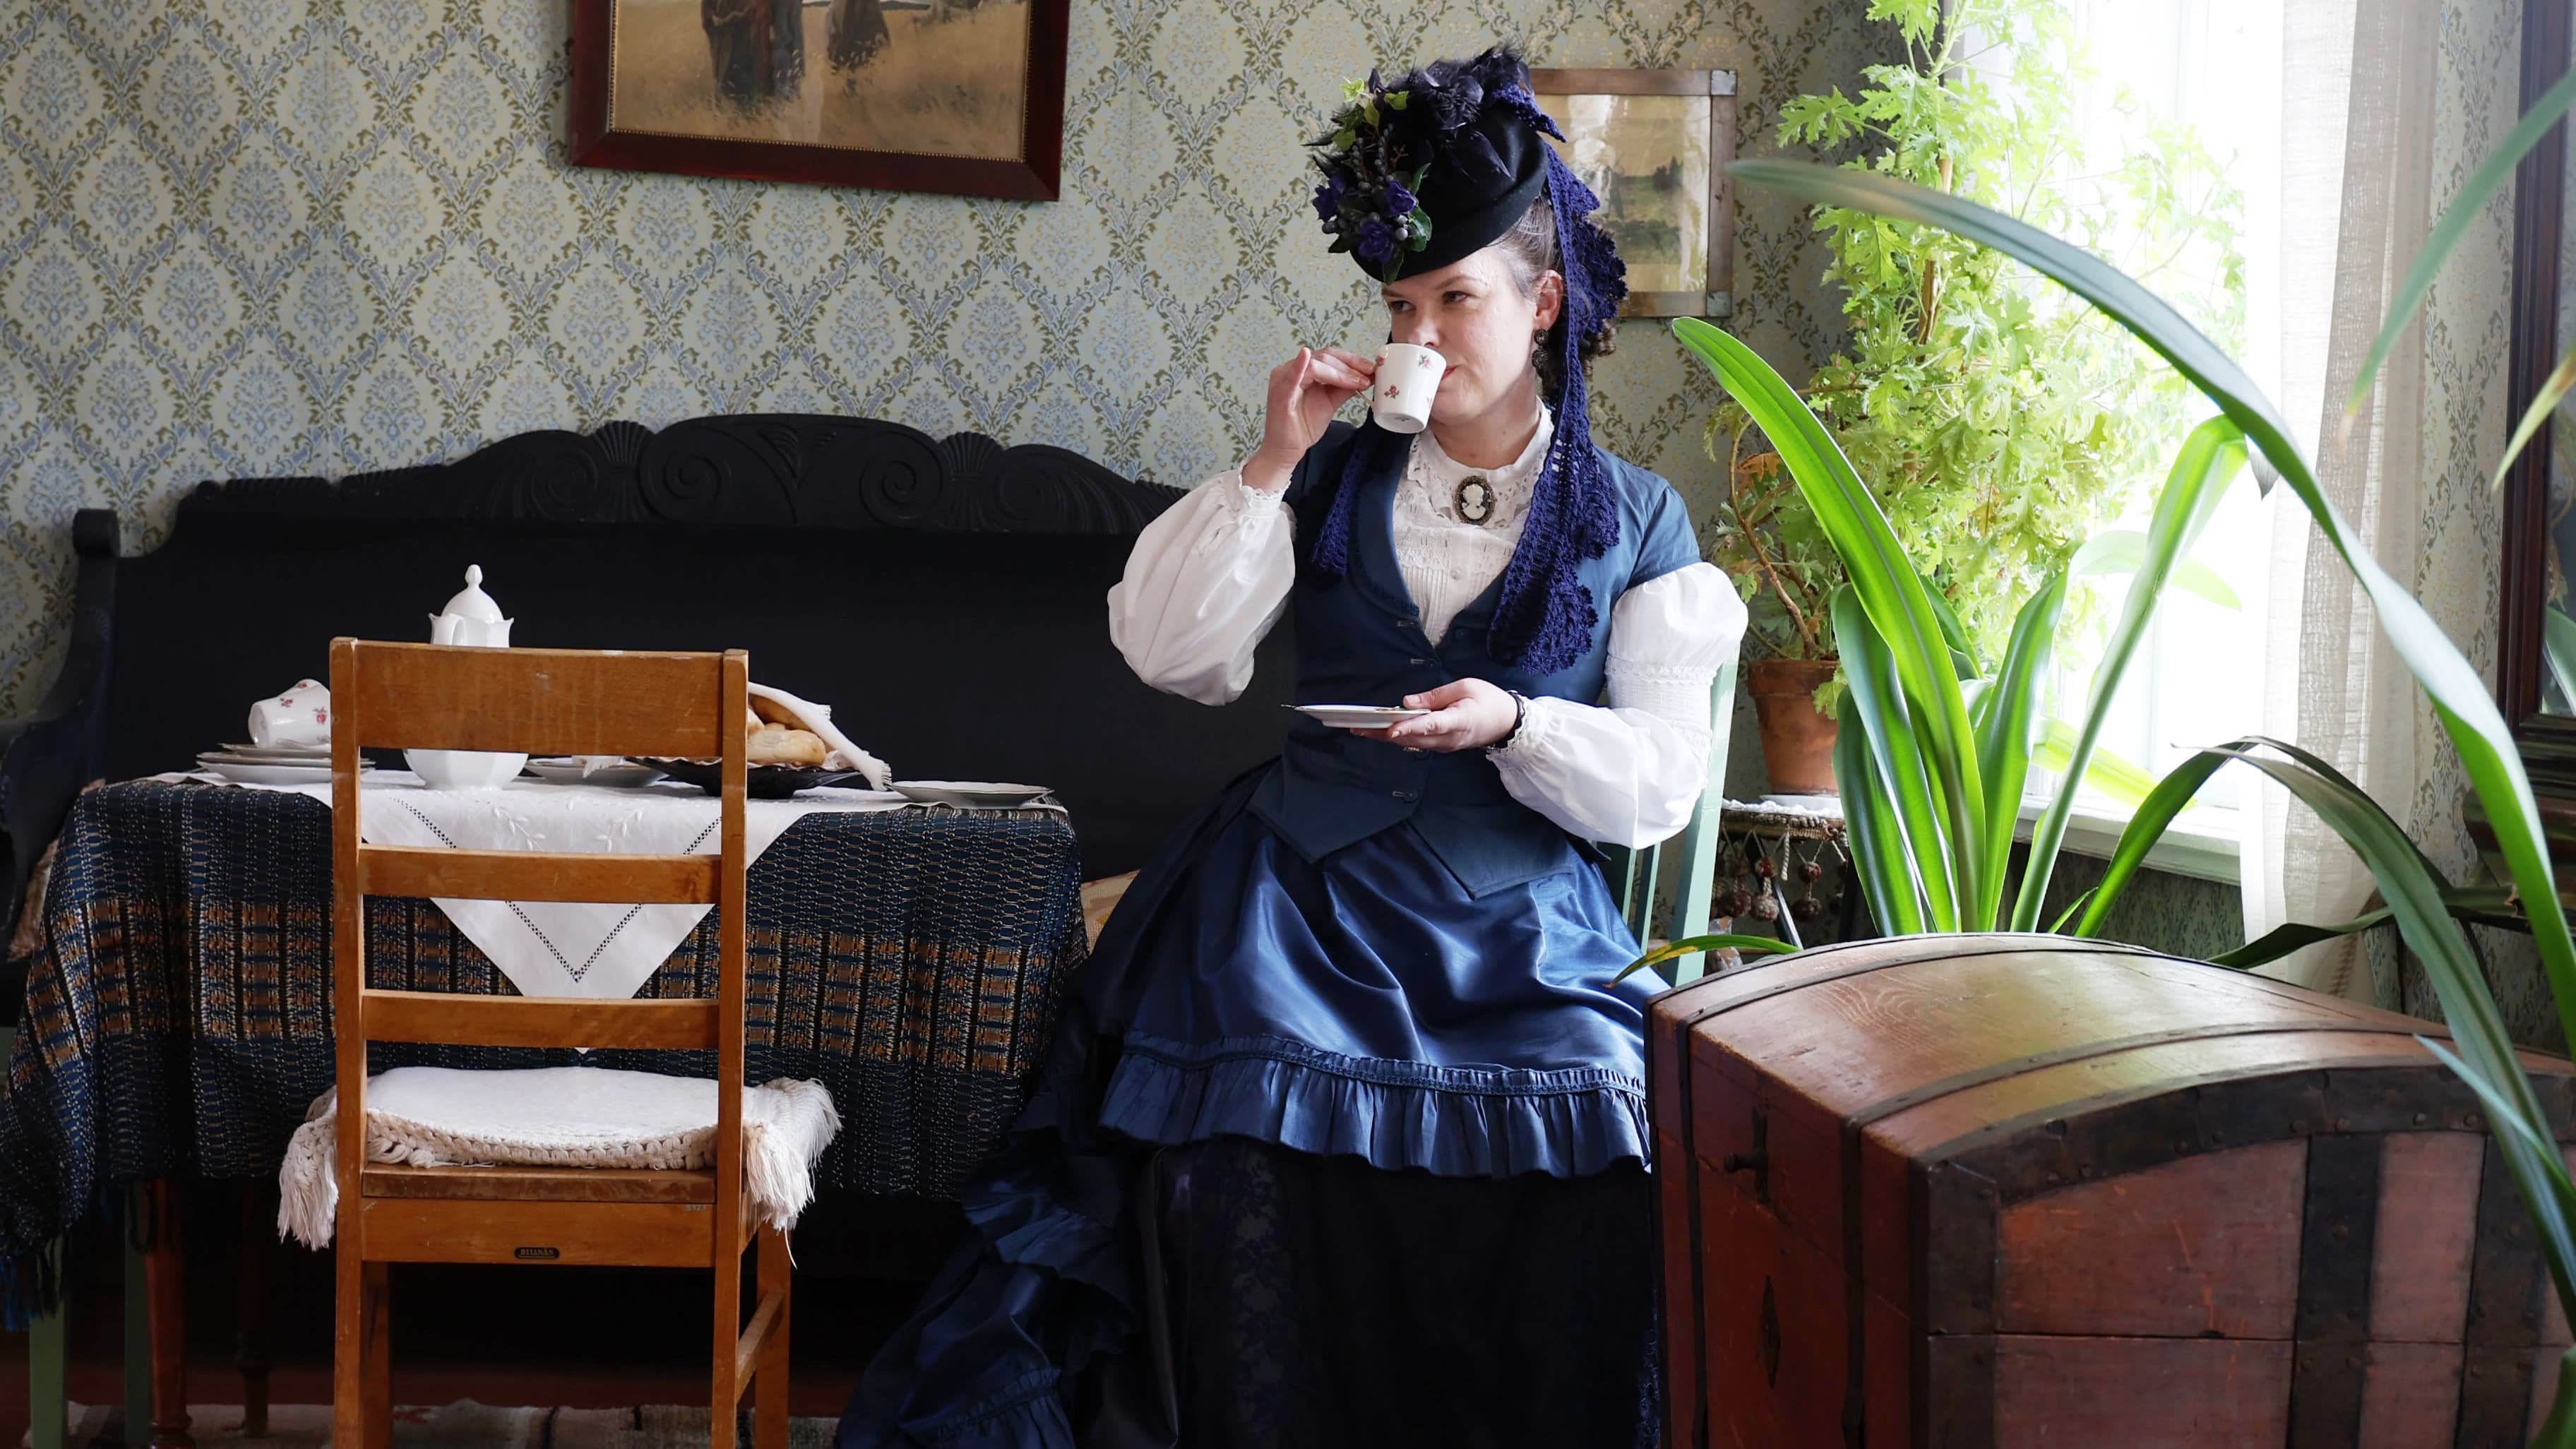 Taina Parikka juo teetä 1880-luvun henkinen leninki ja koristeellinen hattu yllään. Hän istuu Haminan Kauppiaantalomuseon salissa teepöydän äärellä. Huonekalut, tapetit ja taulut ovat 1800-luvun lopun tyyliä.